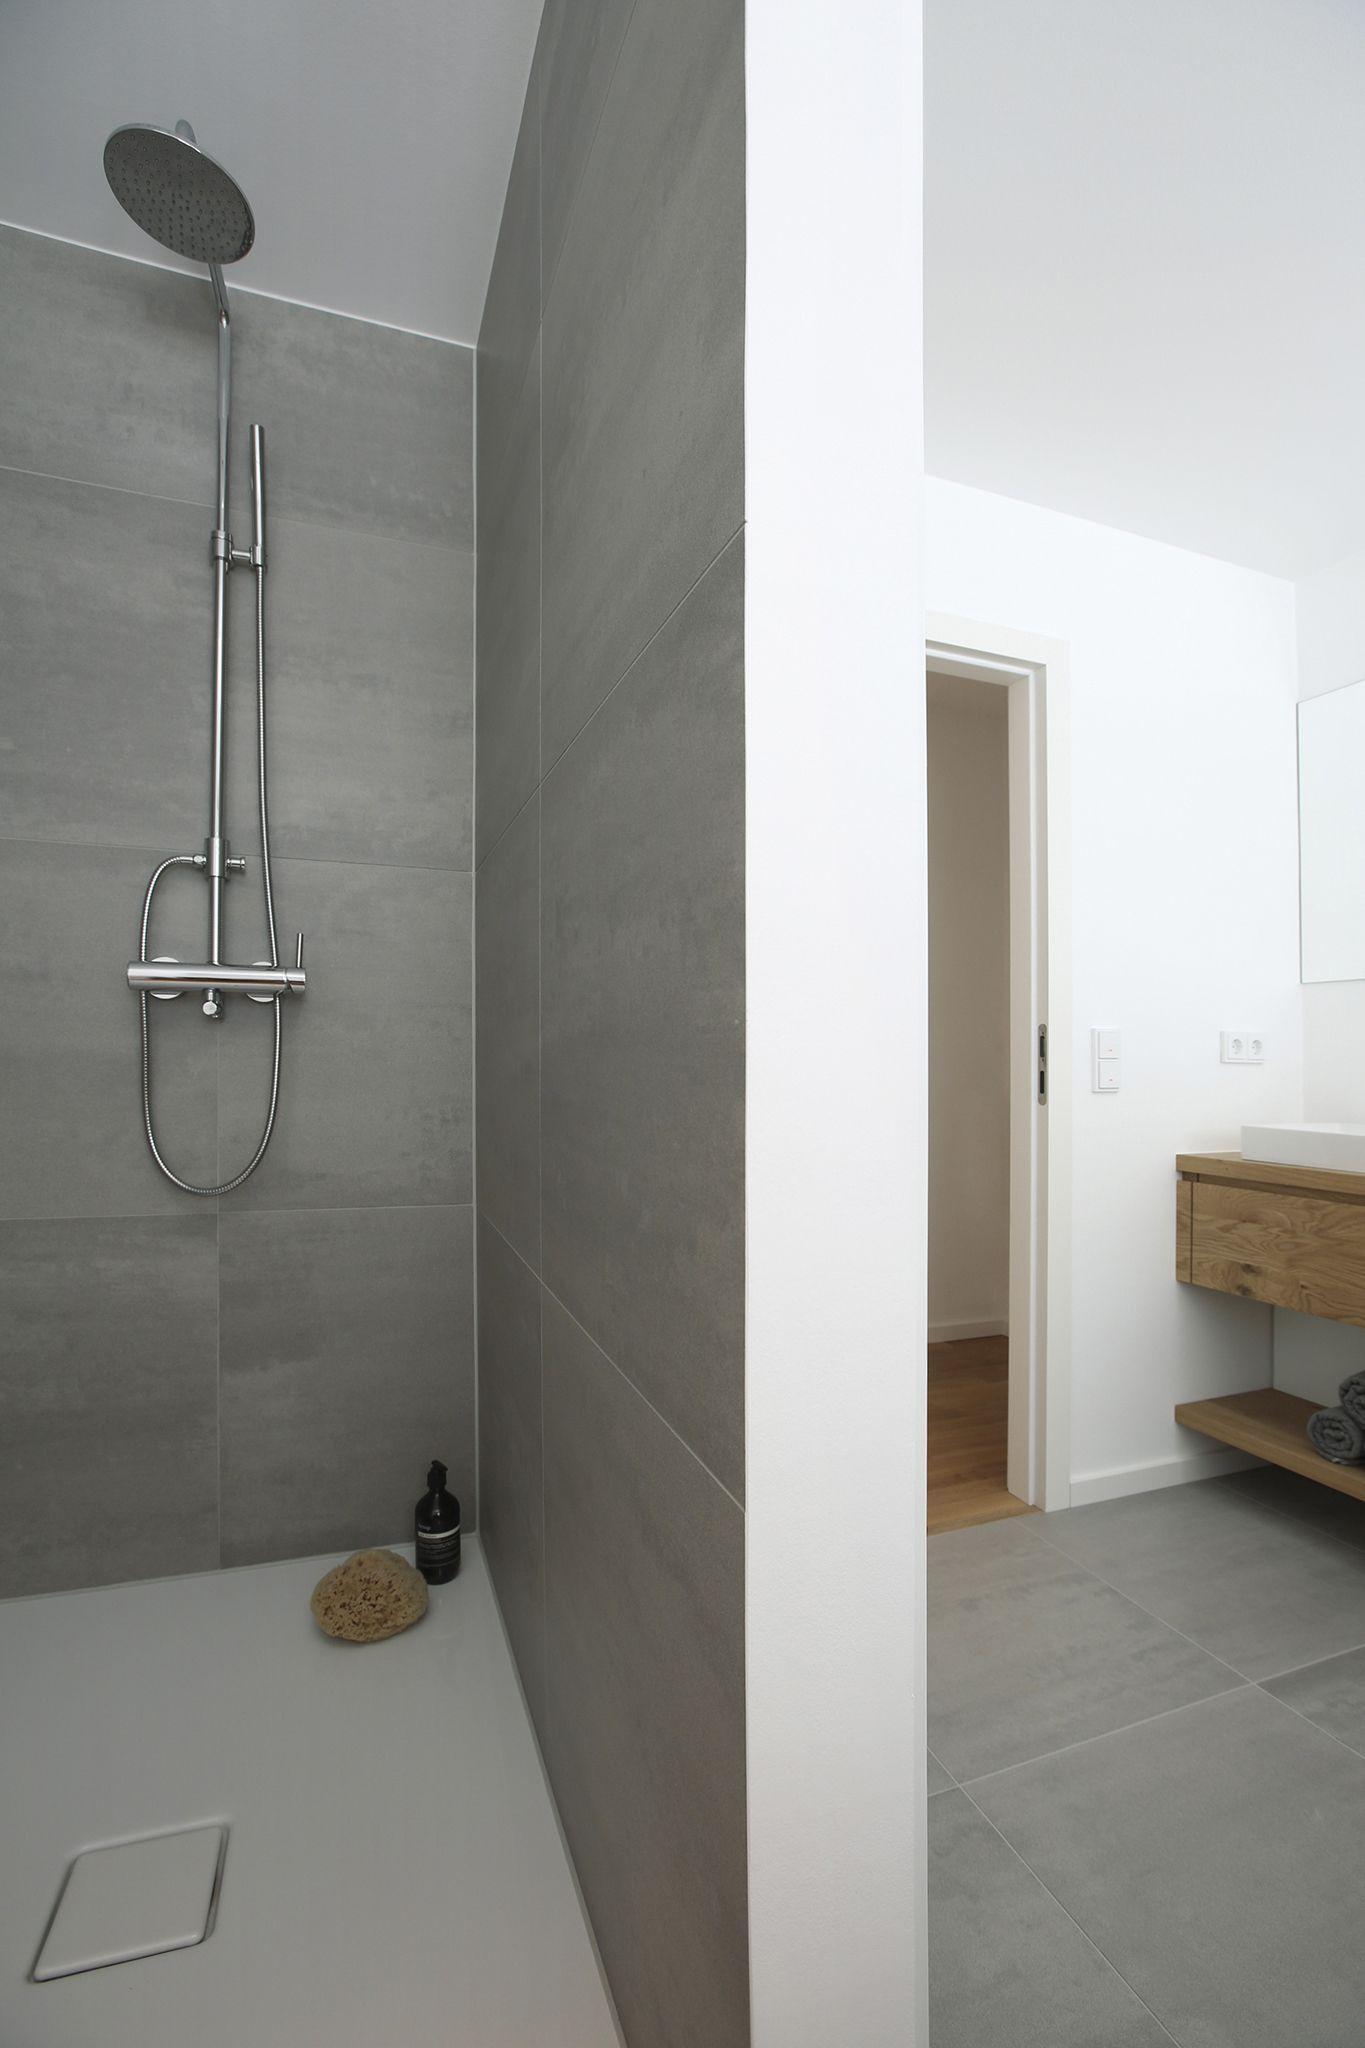 Im 8. OG des Einfamilienhauses wurde ein weiteres Bad mit